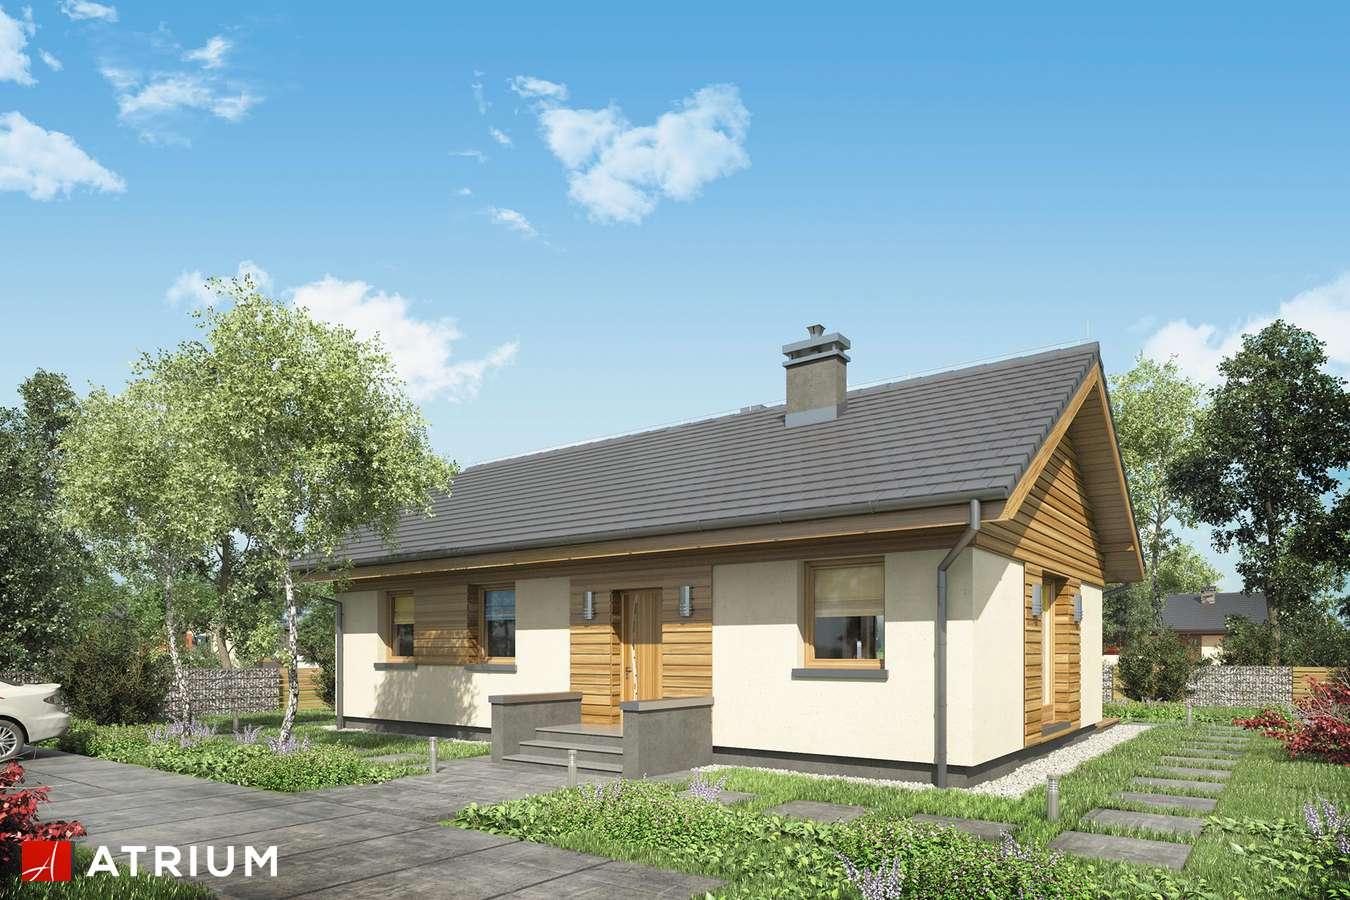 Projekty domów - Projekt domu parterowego AURORA MINI - wizualizacja 1